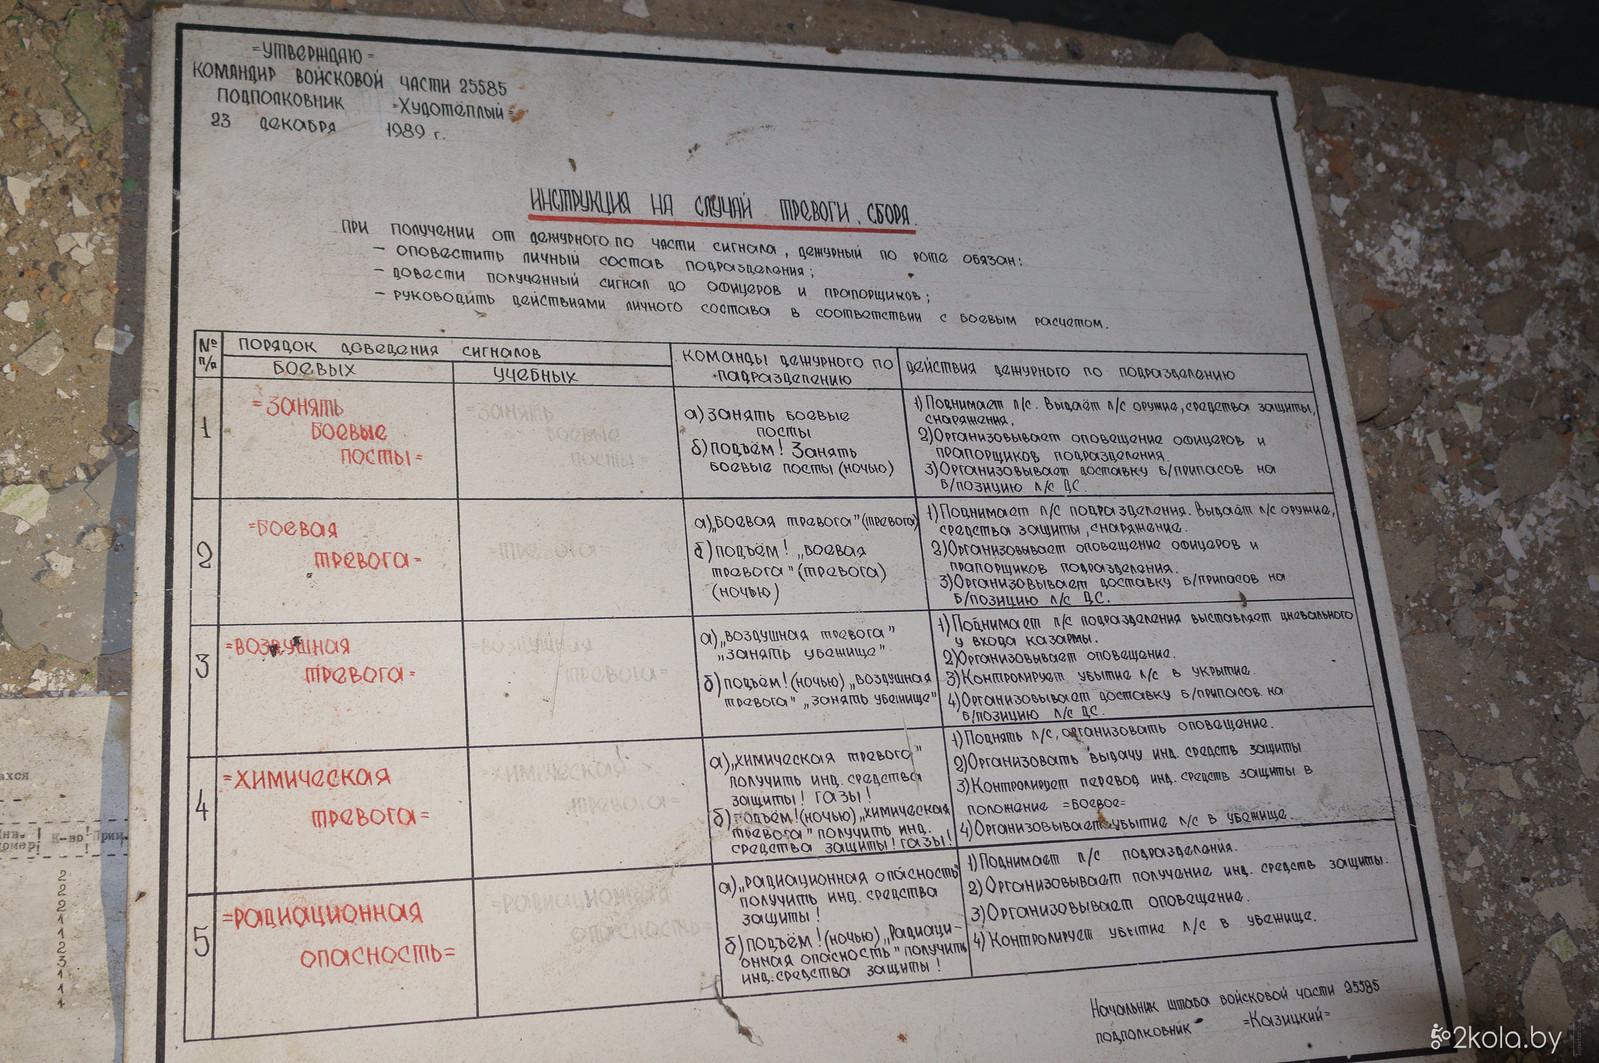 37351516585 9565761605 h - Велопокатушка:  Бытень - Береза (с посещением 638-го полка РВСН)